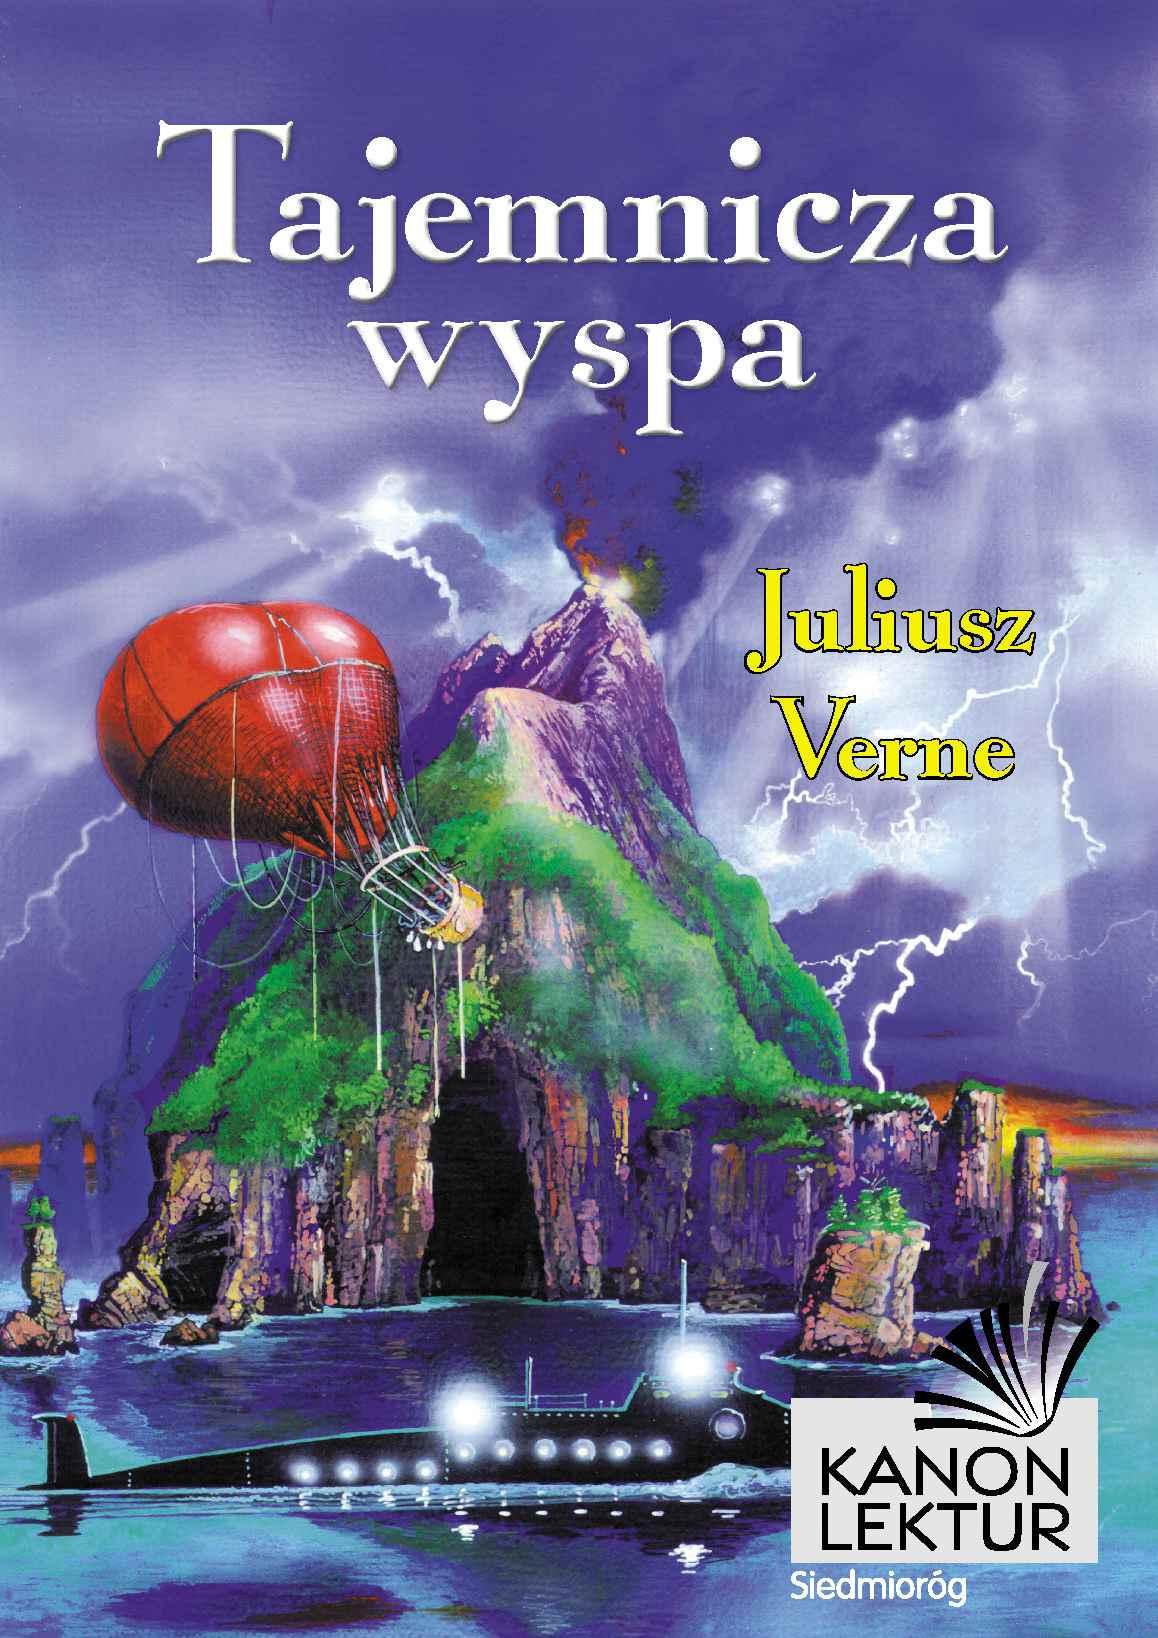 Tajemnicza Wyspa - Ebook (Książka EPUB) do pobrania w formacie EPUB